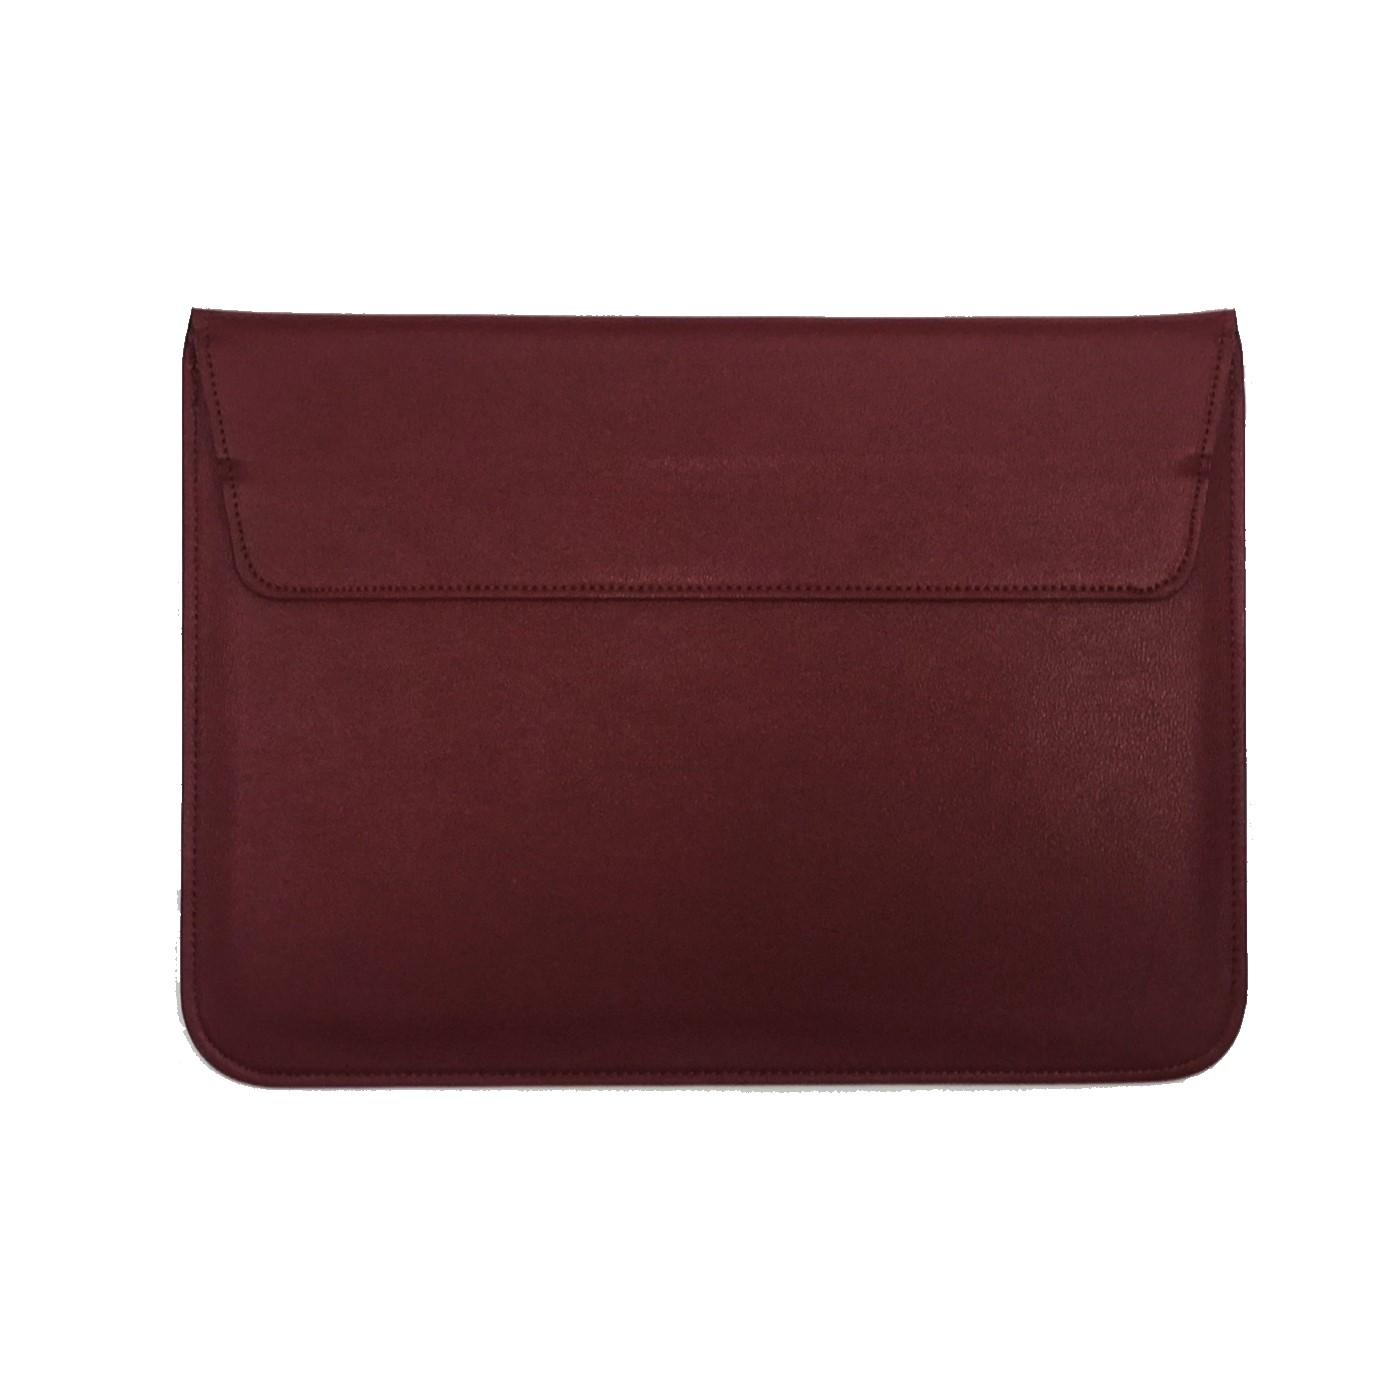 삼성 갤럭시북 / 플렉스 이온 S / LG 그램 / 맥북 호환 노트북 슬리브 파우치, 와인